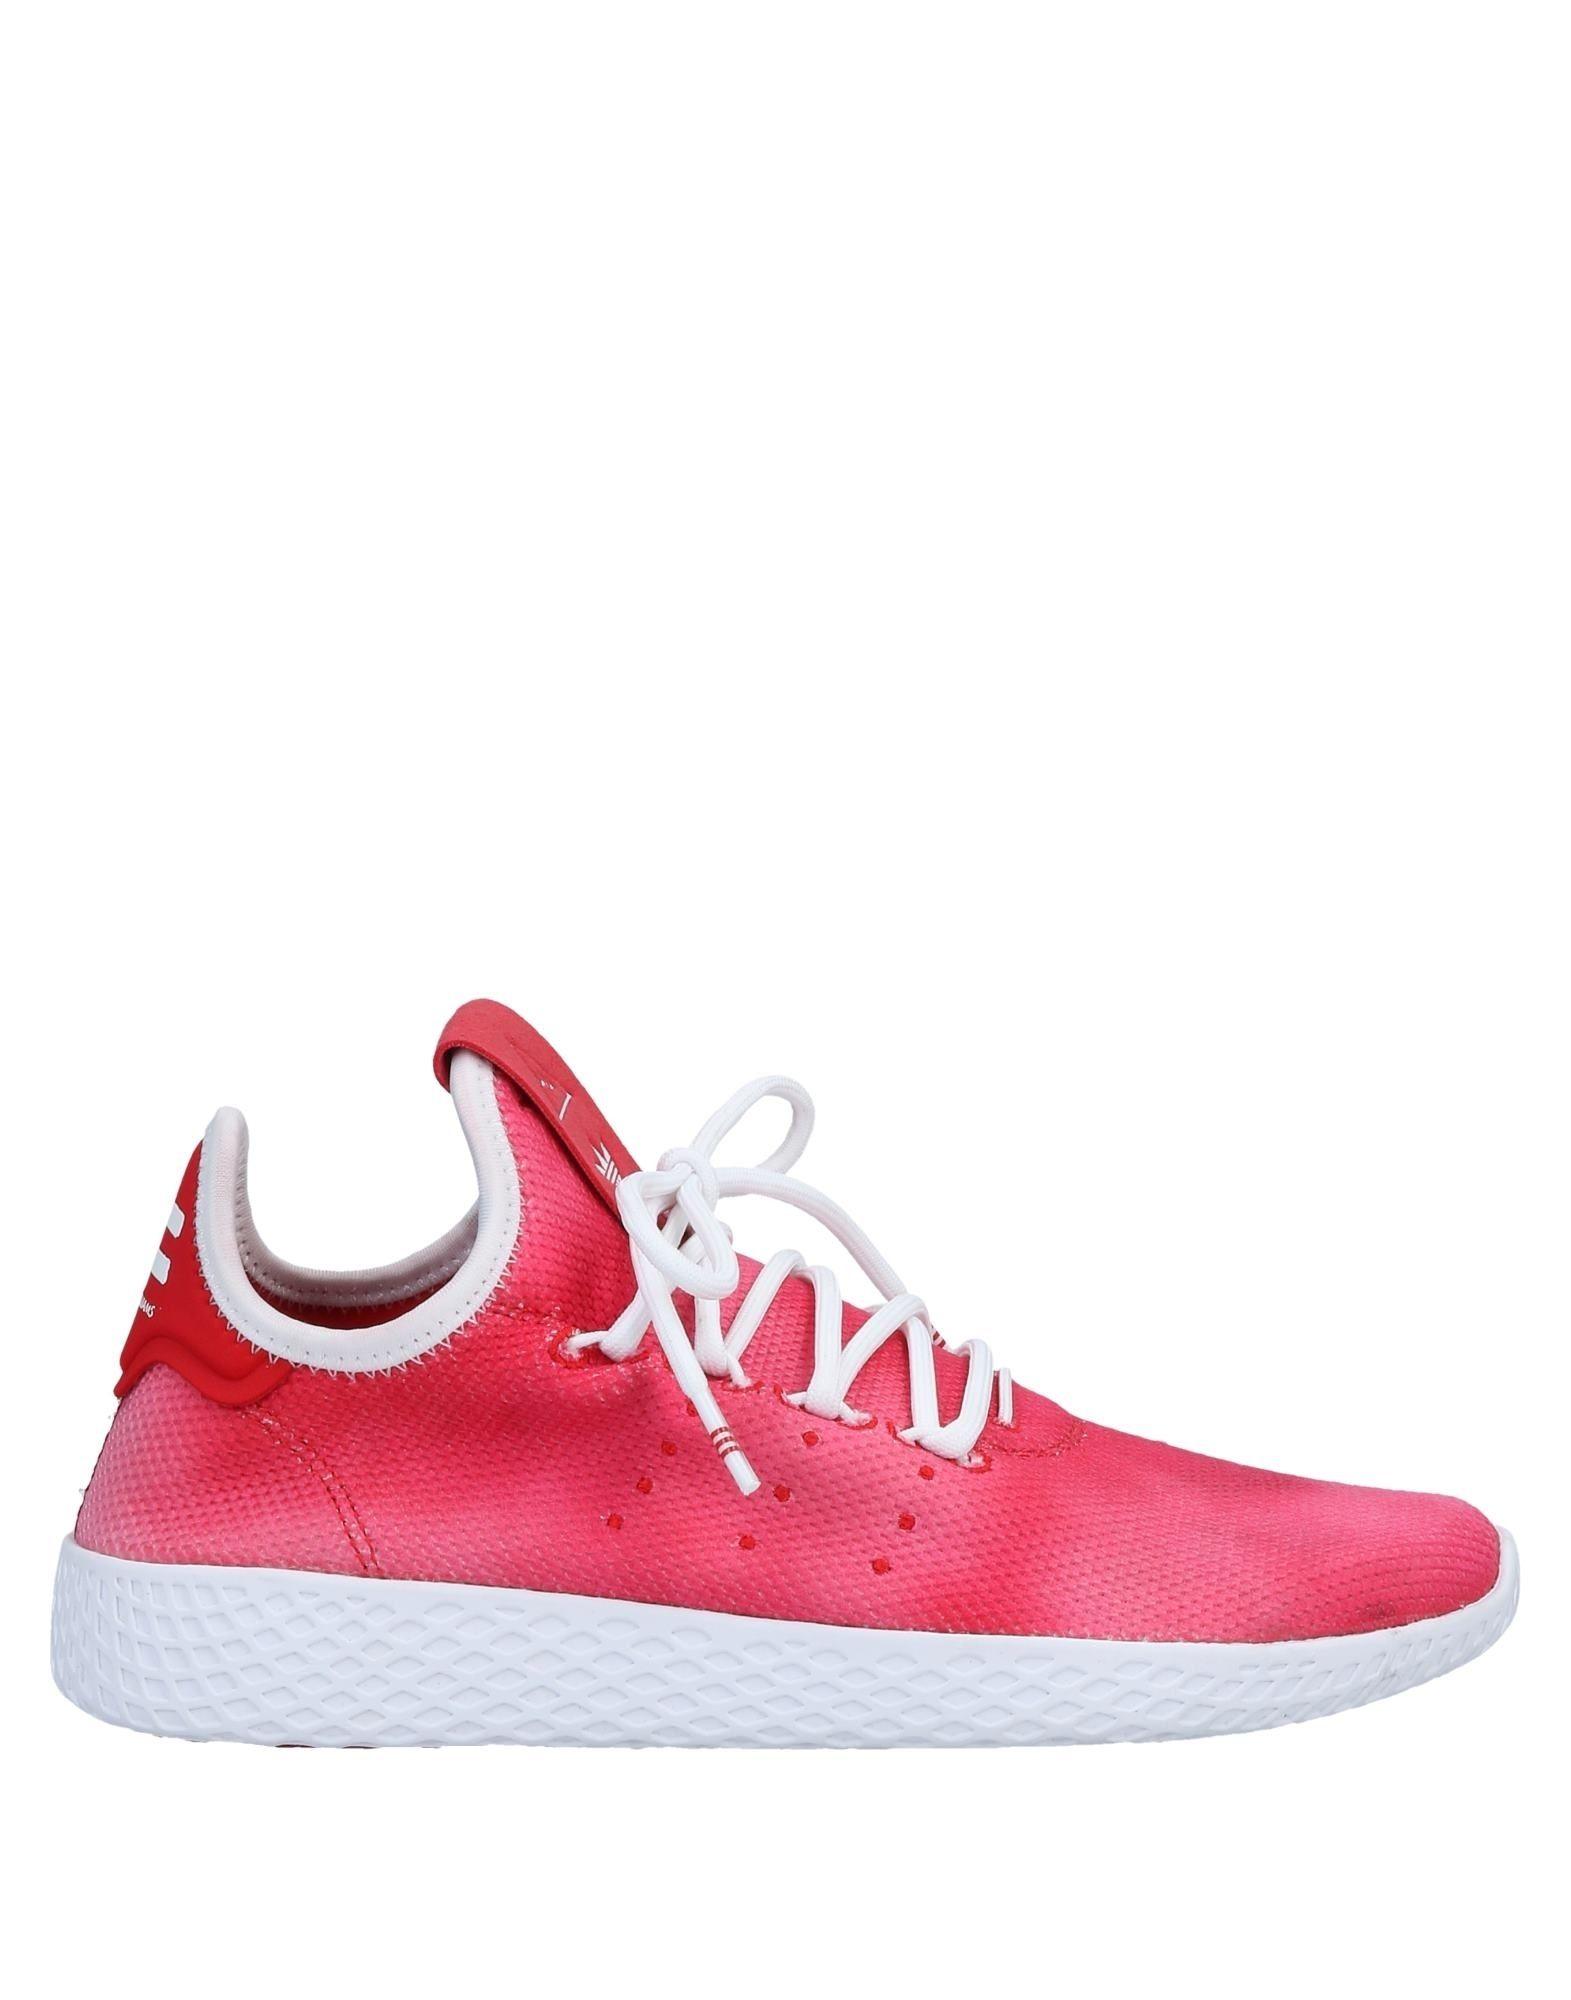 Scarpe da Ginnastica Adidas Originals By By Originals Pharrell Williams Uomo - 11569421QI b24fe7